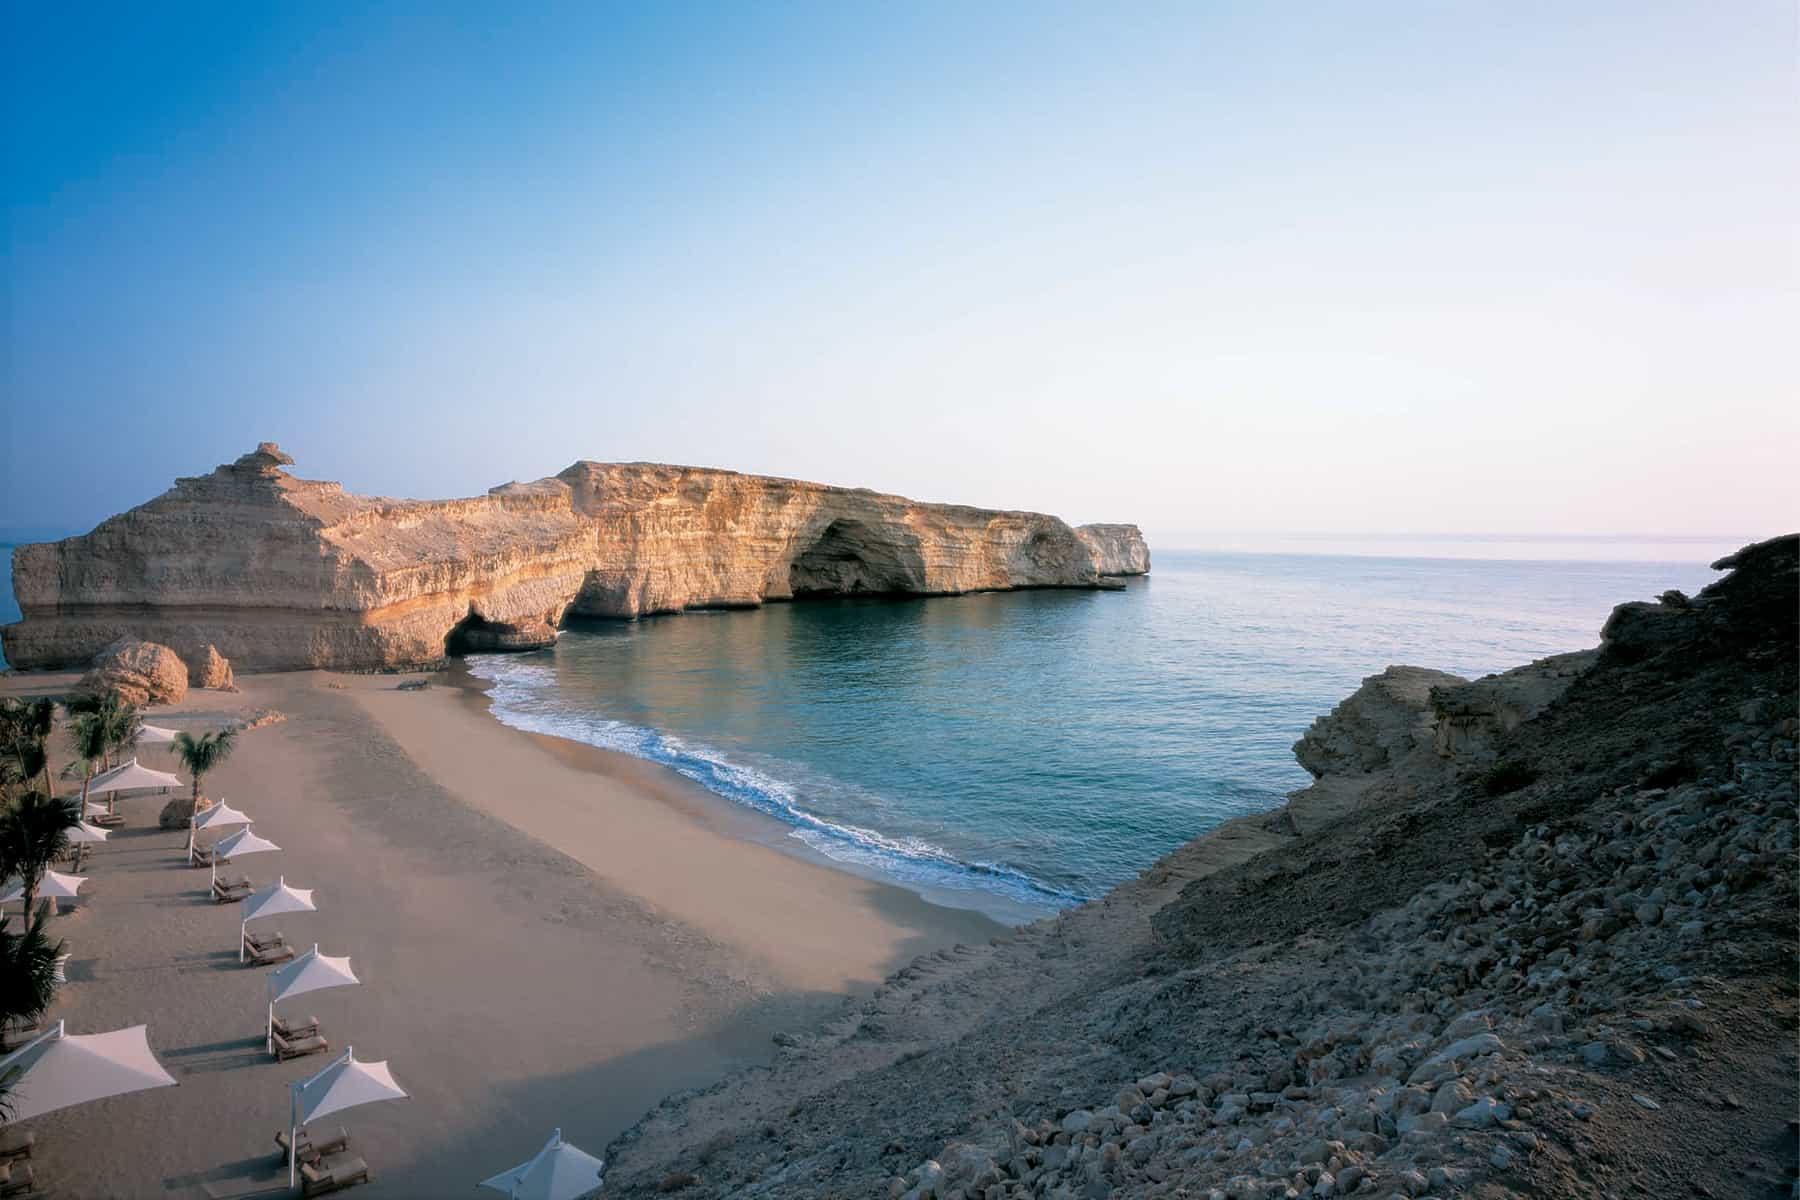 Resor-till-Oman8-med-hotell-Al-Husn-Resort-and-Spa-hos-Nygren-Lind-Resebyrå